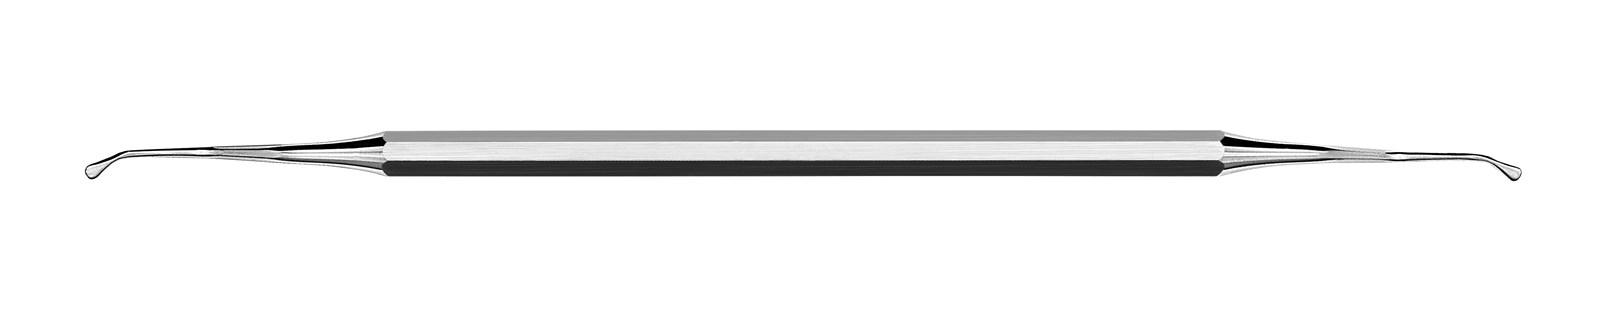 Nůž pro tunelovou techniku - TKP, ADEP růžový